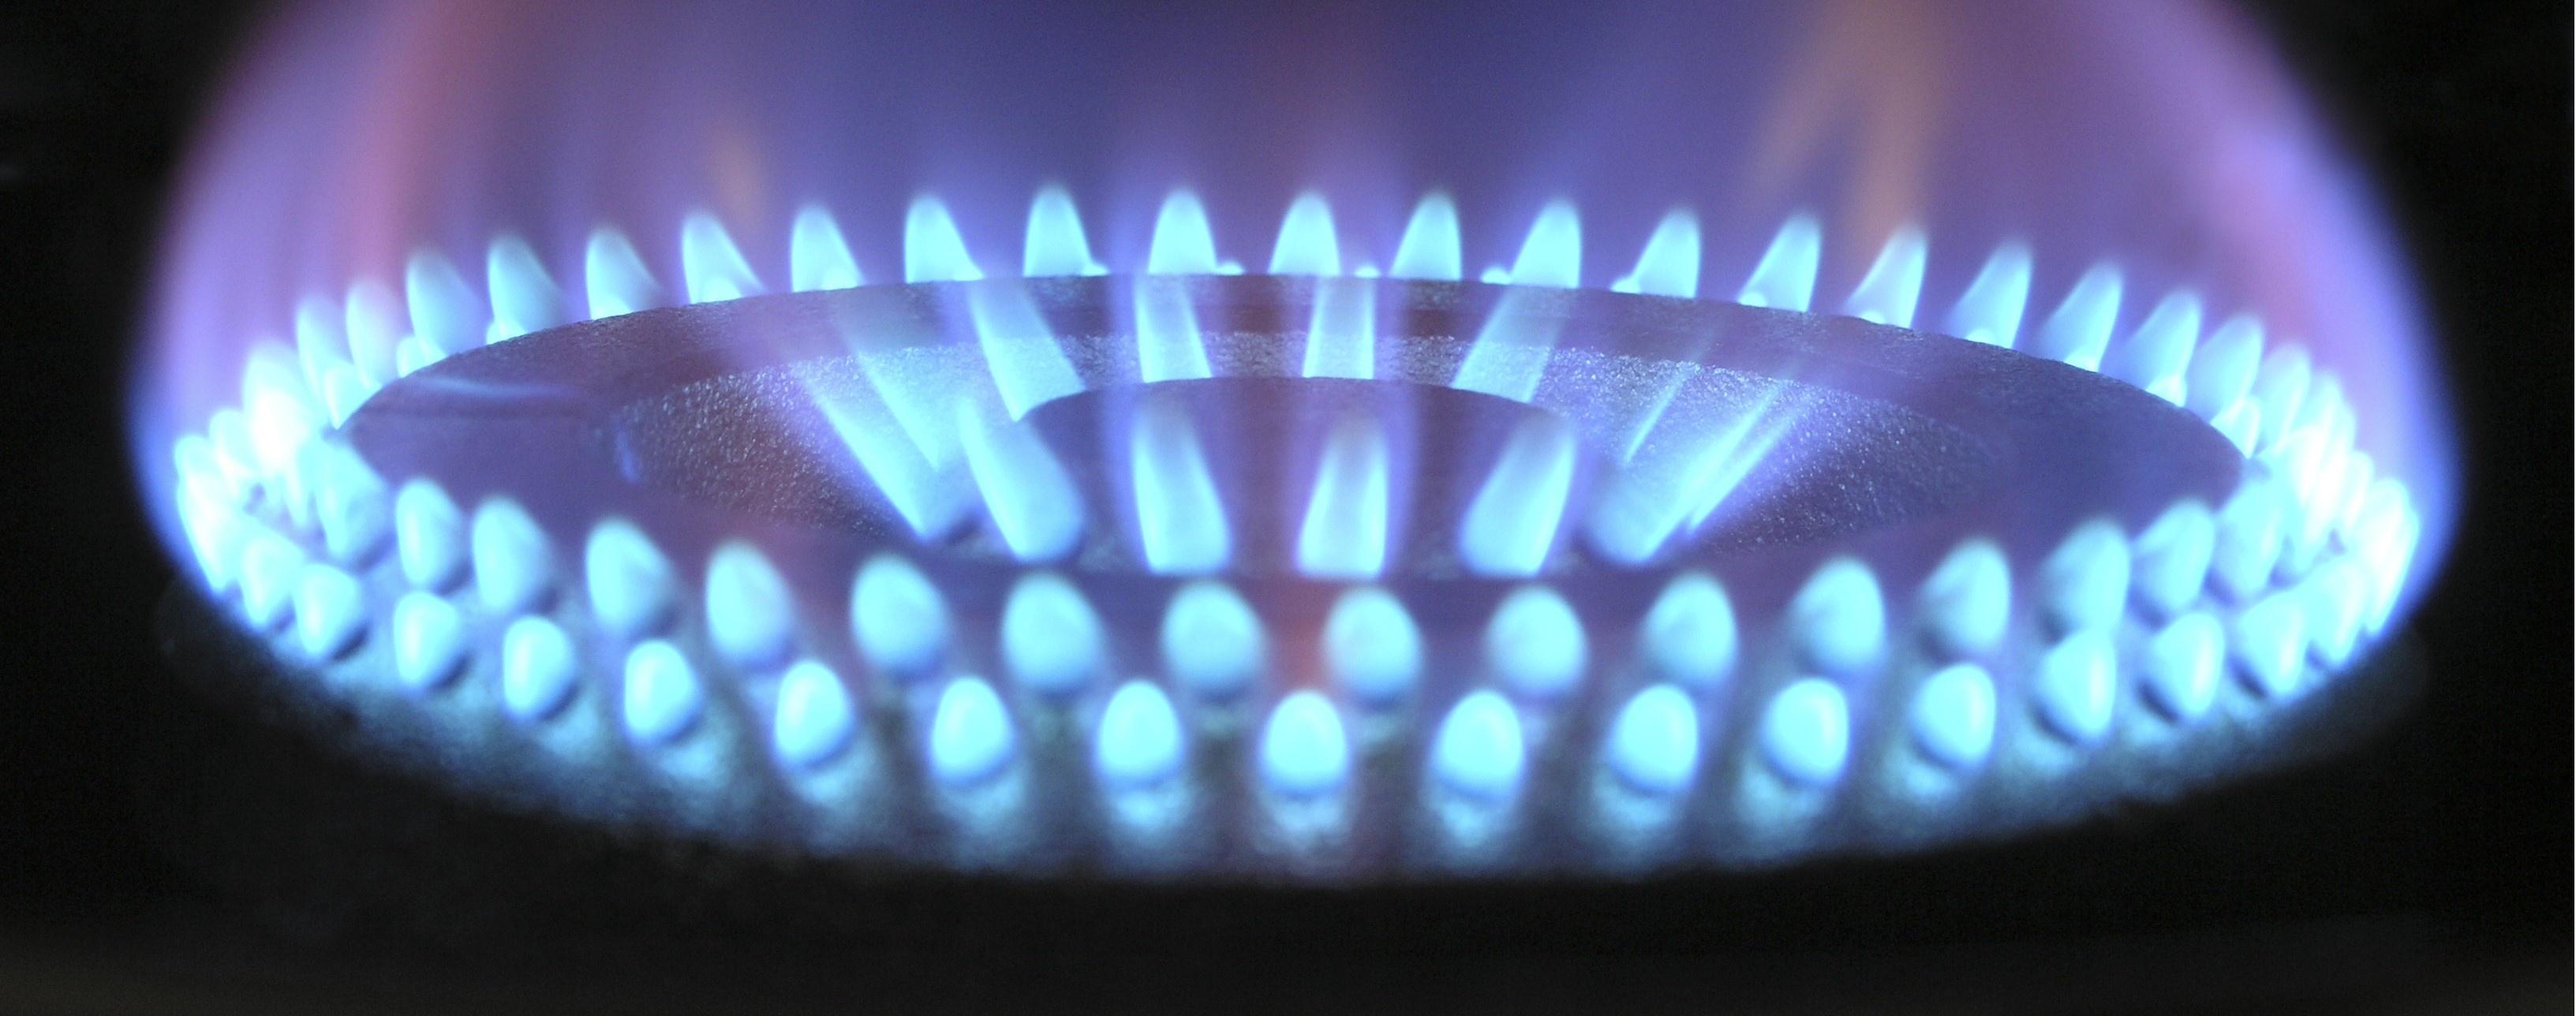 Risparmio energetico: come effettuare una corretta analisi dei consumi?